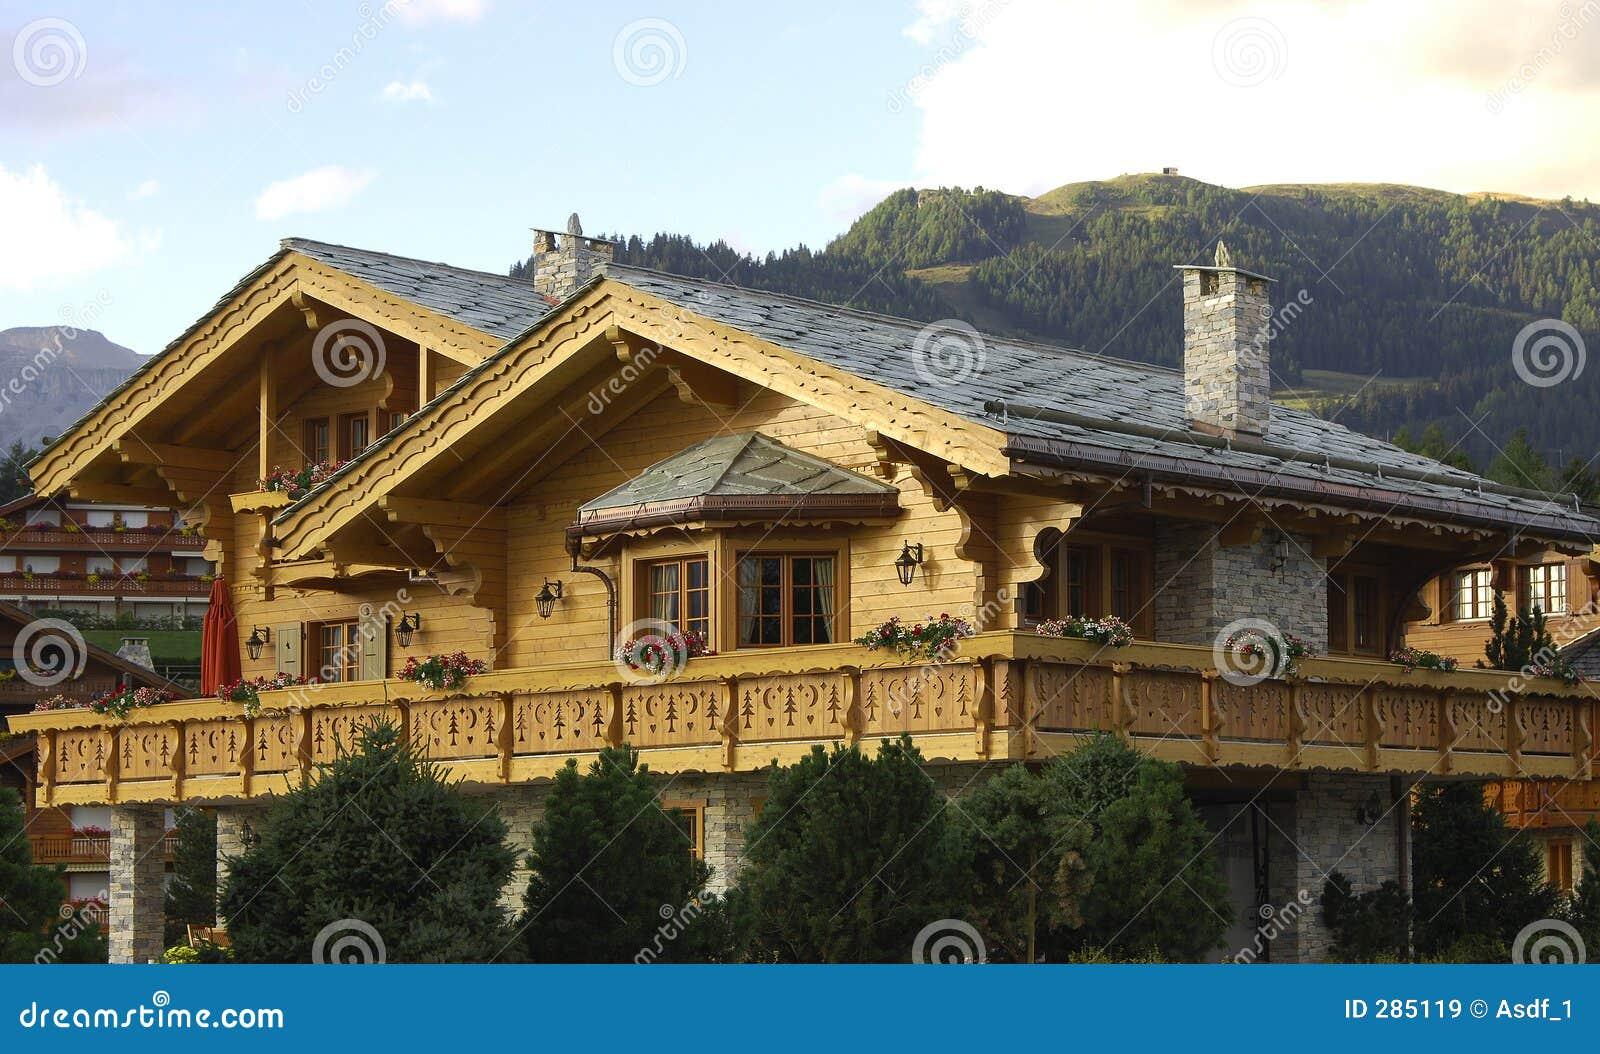 Swiss chalet in the evening sun Crans Montana Valais Switzerland.